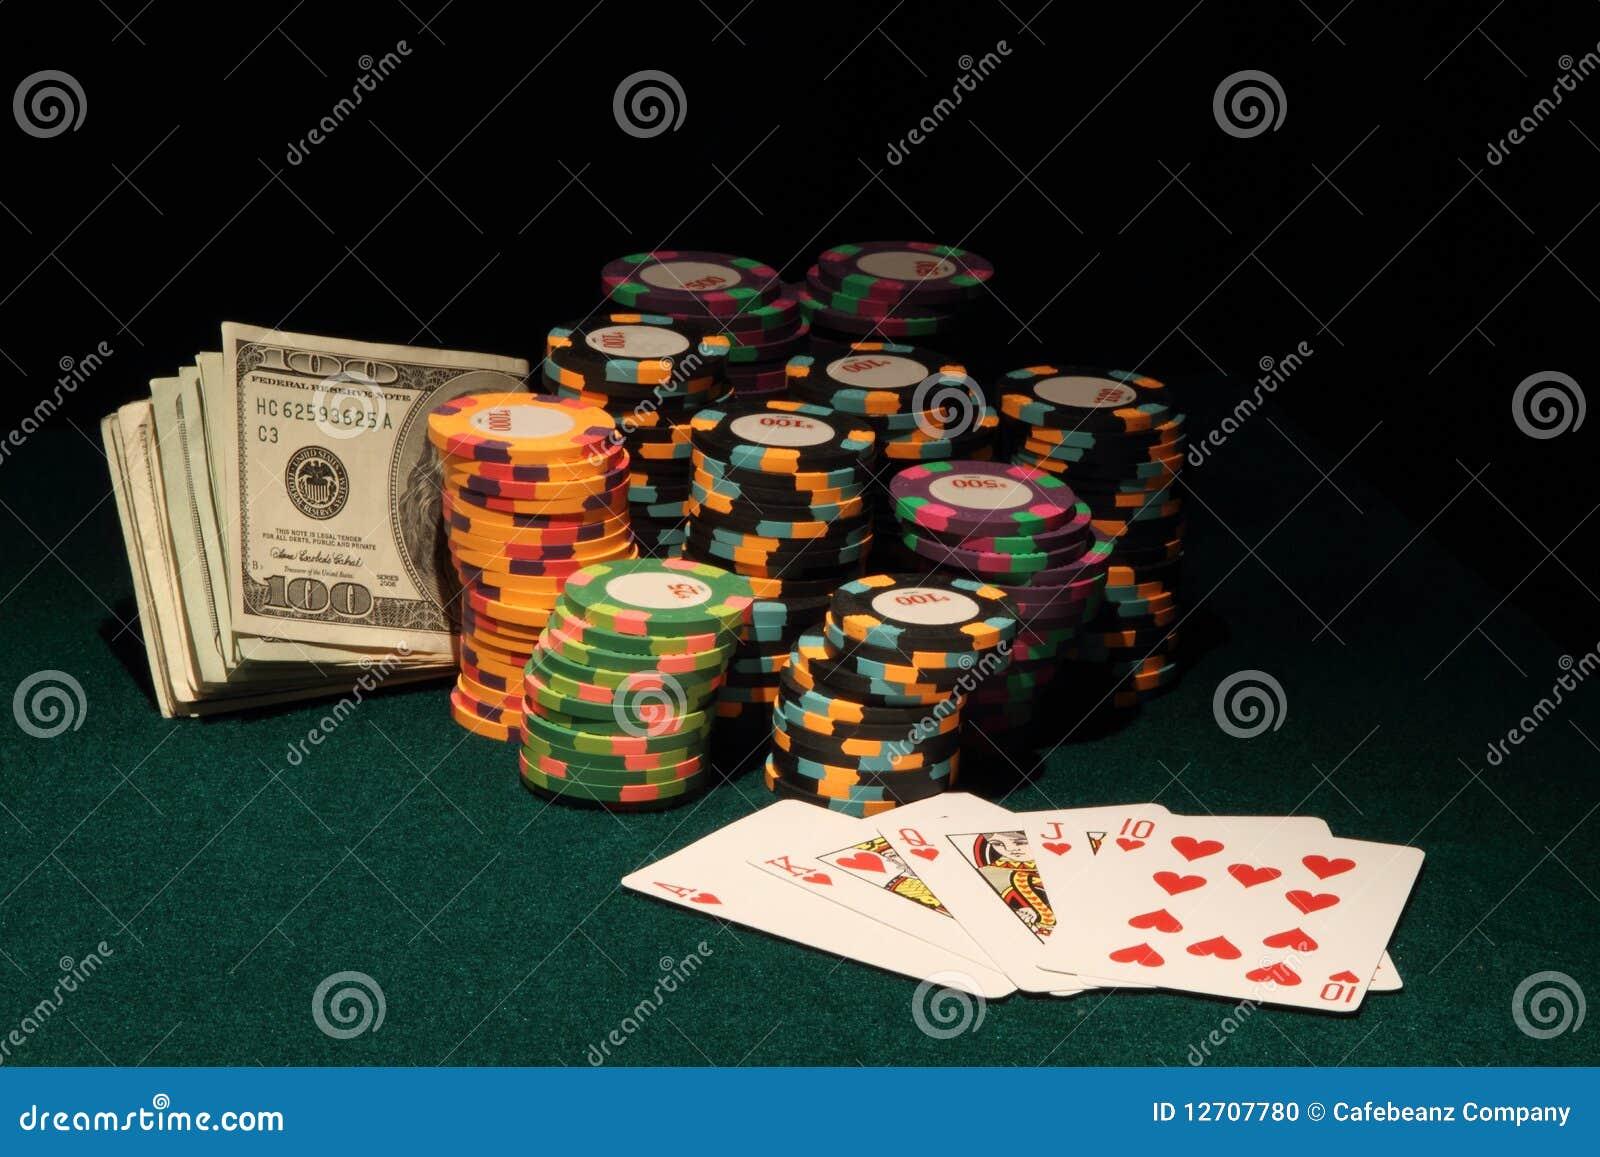 Casino aceptan Visa Electron reglas del poker-161000